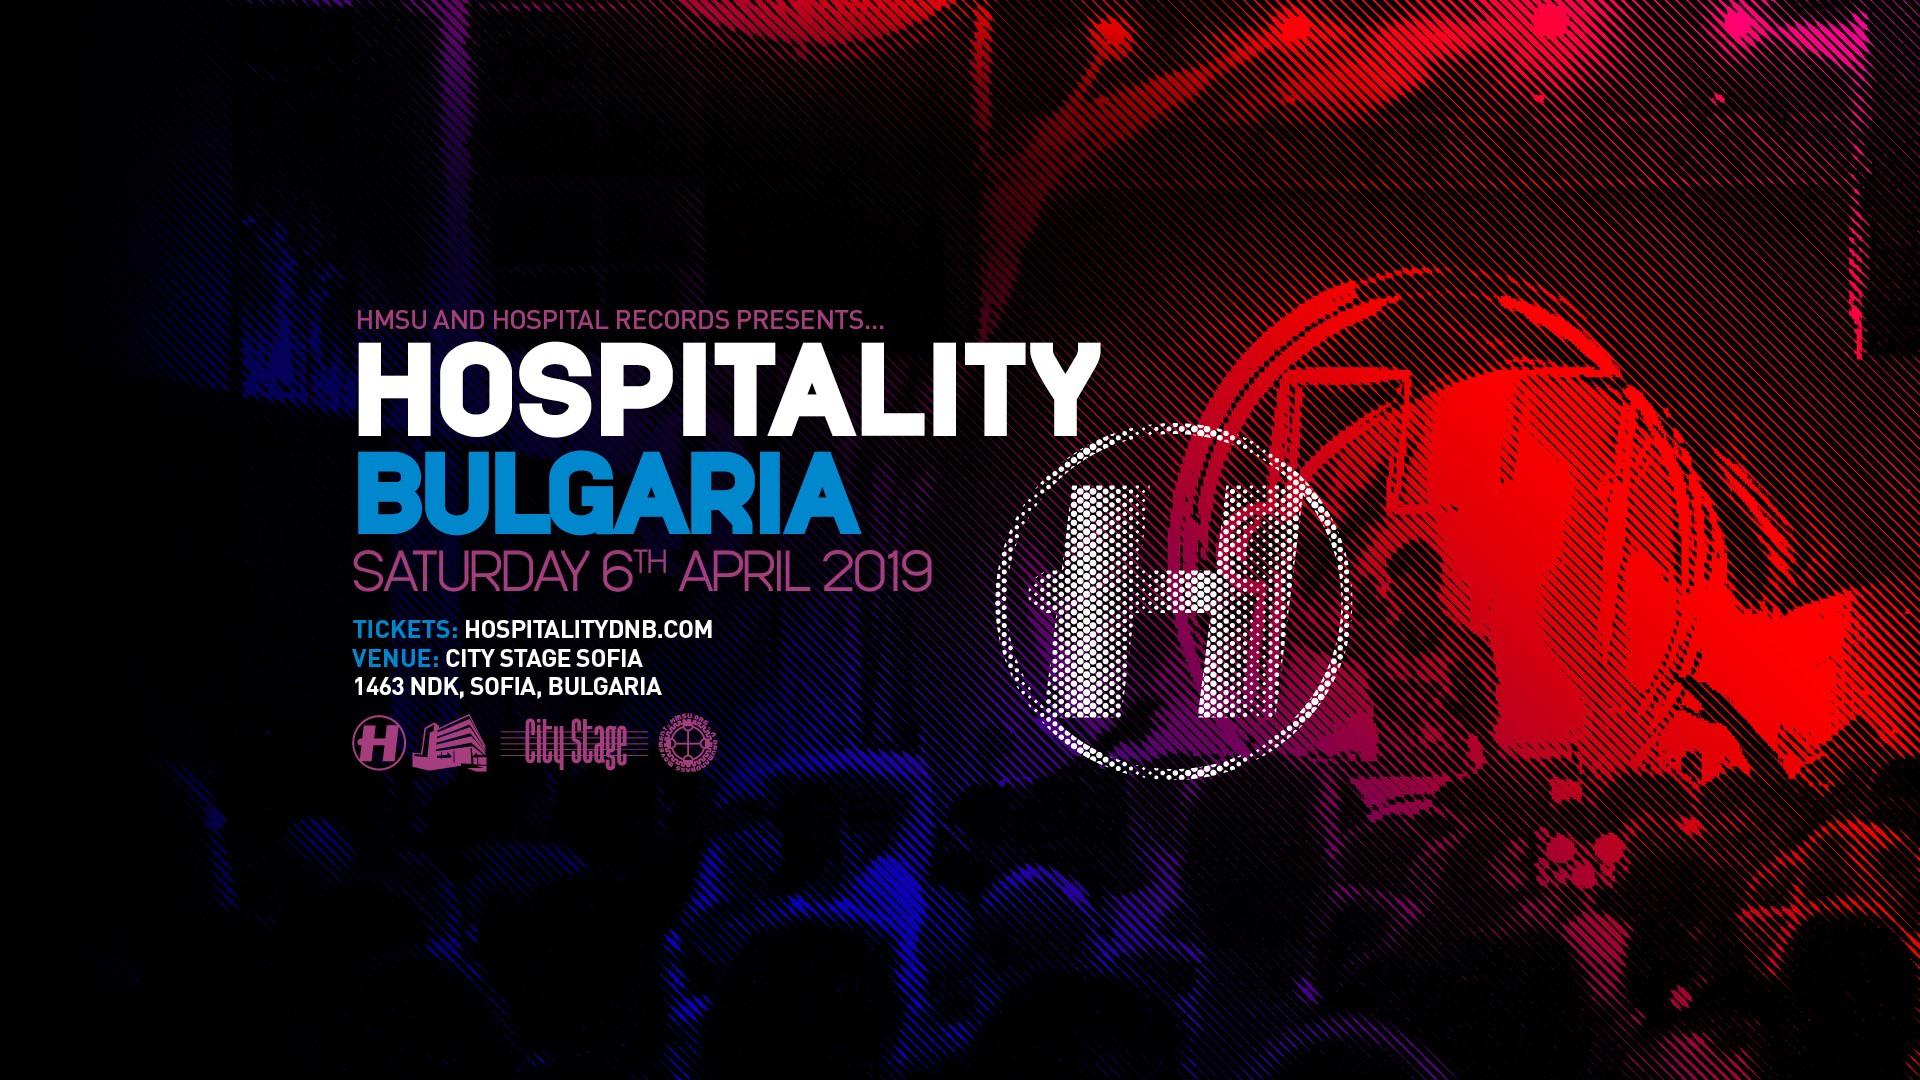 HMSU presents: Hospitality Bulgaria 2019